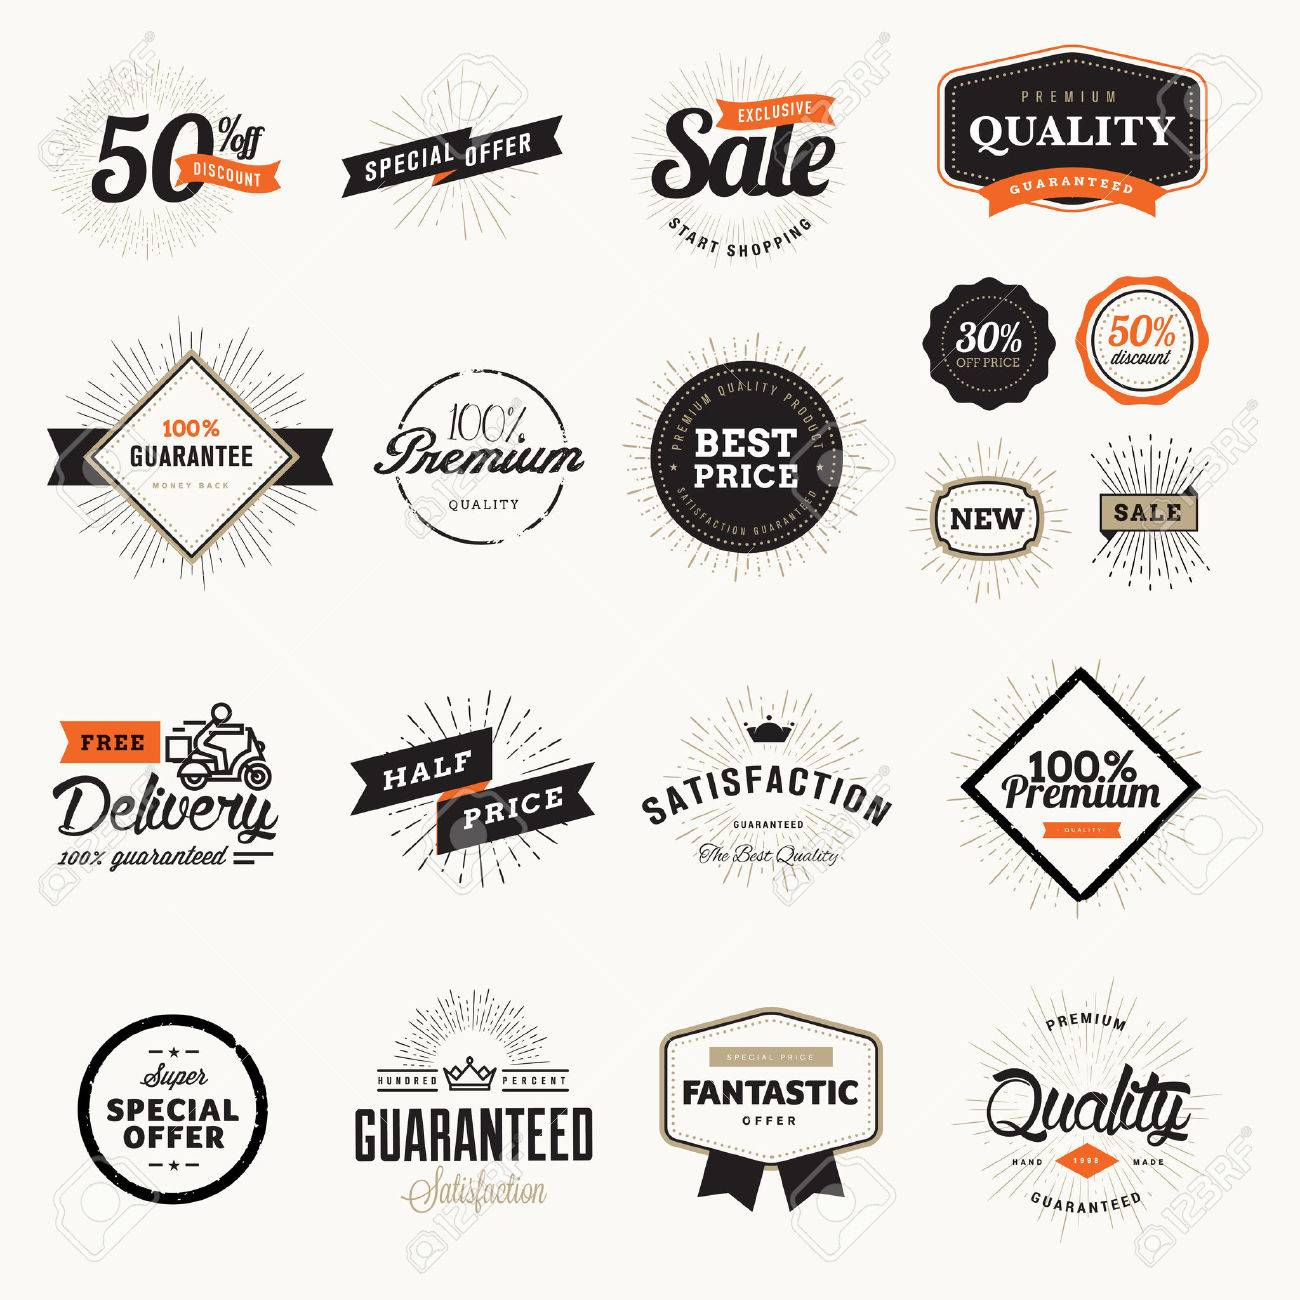 6c8b591d73 Set di distintivi e adesivi di qualità premium vintage. Illustrazioni  vettoriali per il commercio elettronico, la promozione dei prodotti, ...